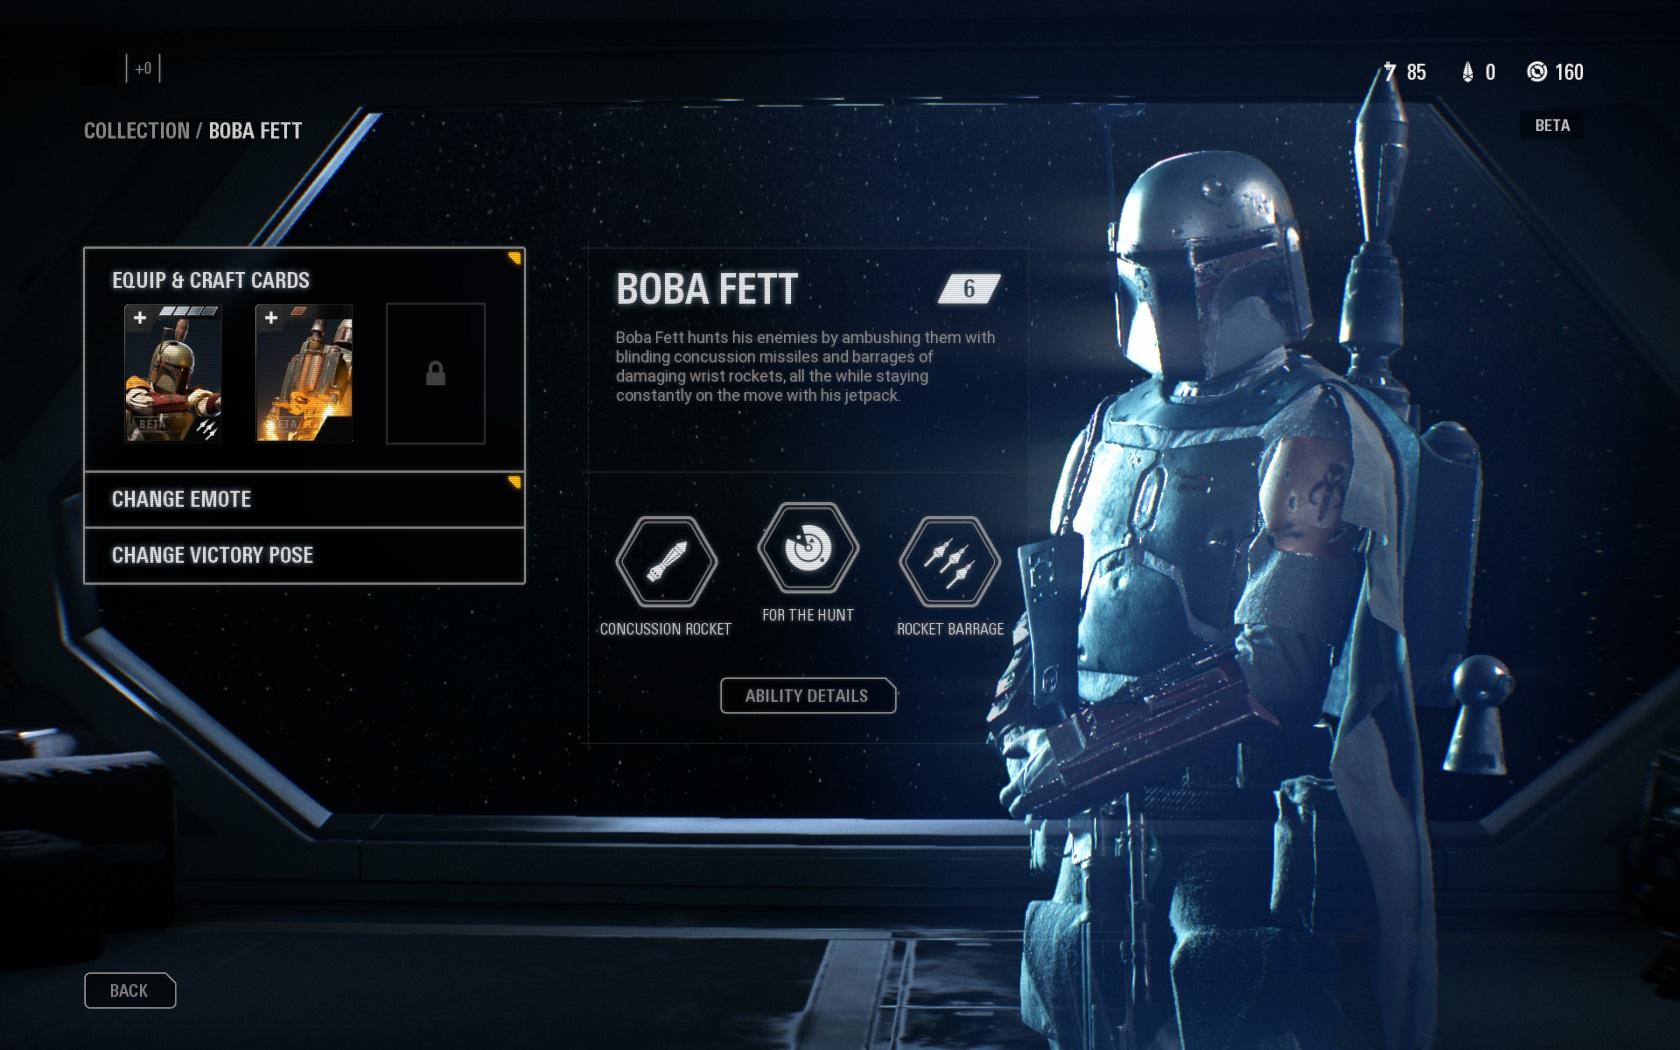 Zvedá se masivní vlna odporu proti systému krabic v betě Star Wars: Battlefrontu 2 150968